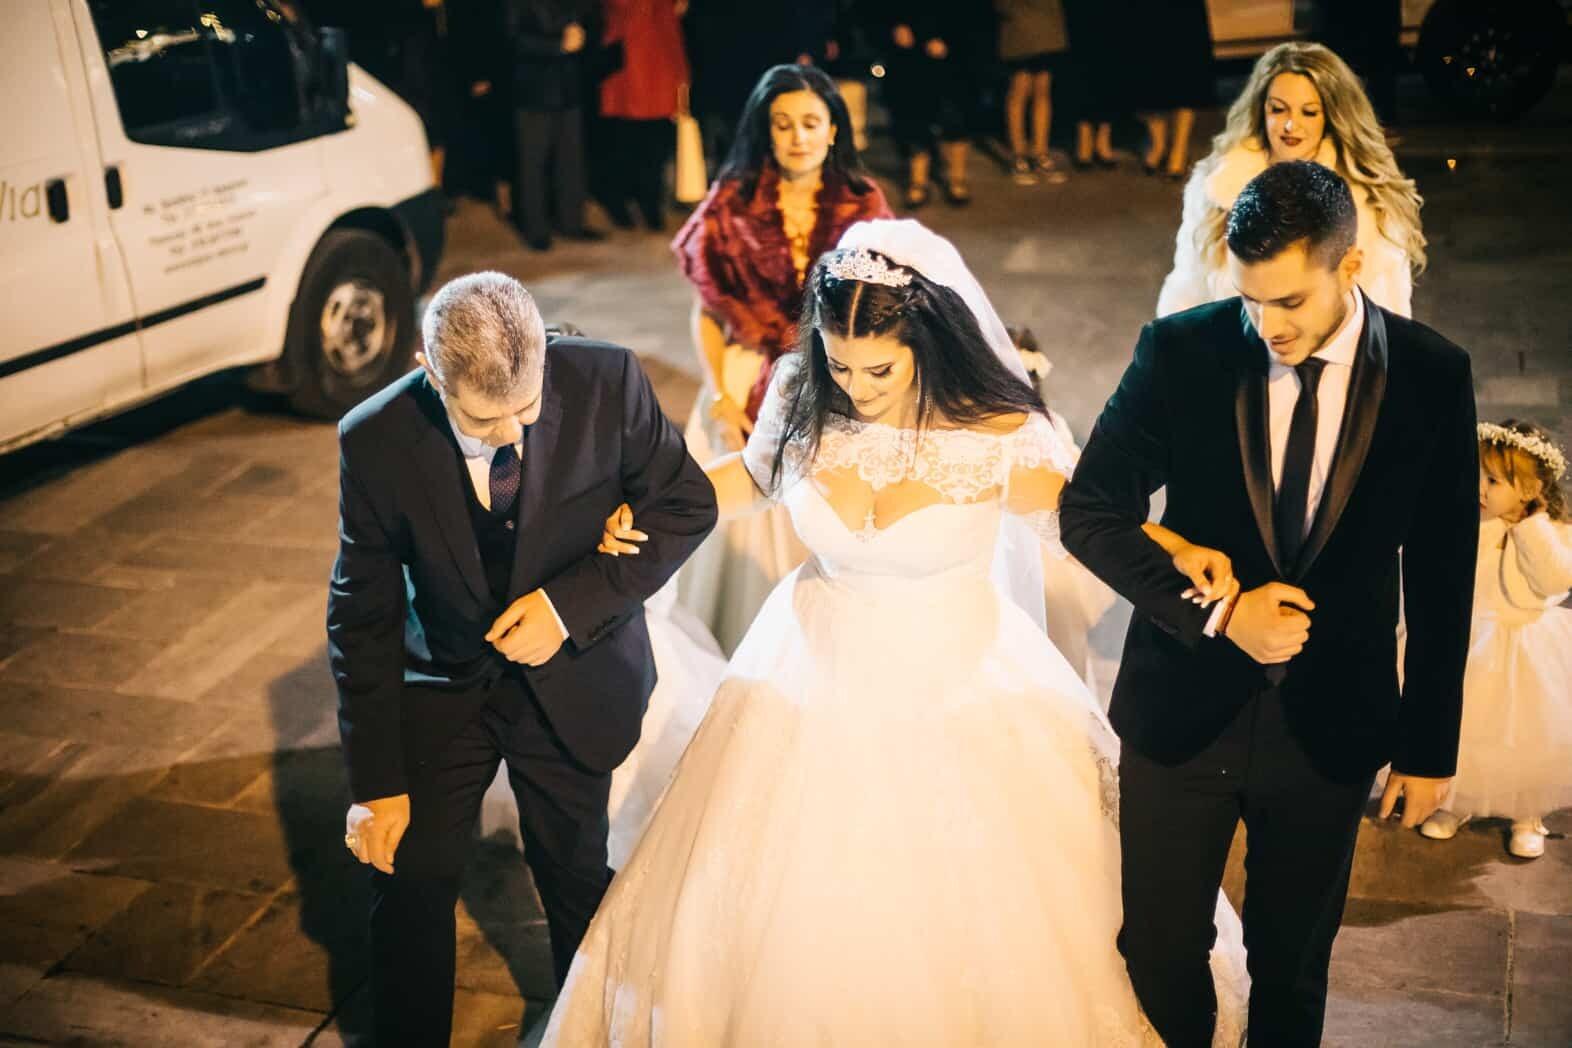 πατέρας & νύφη